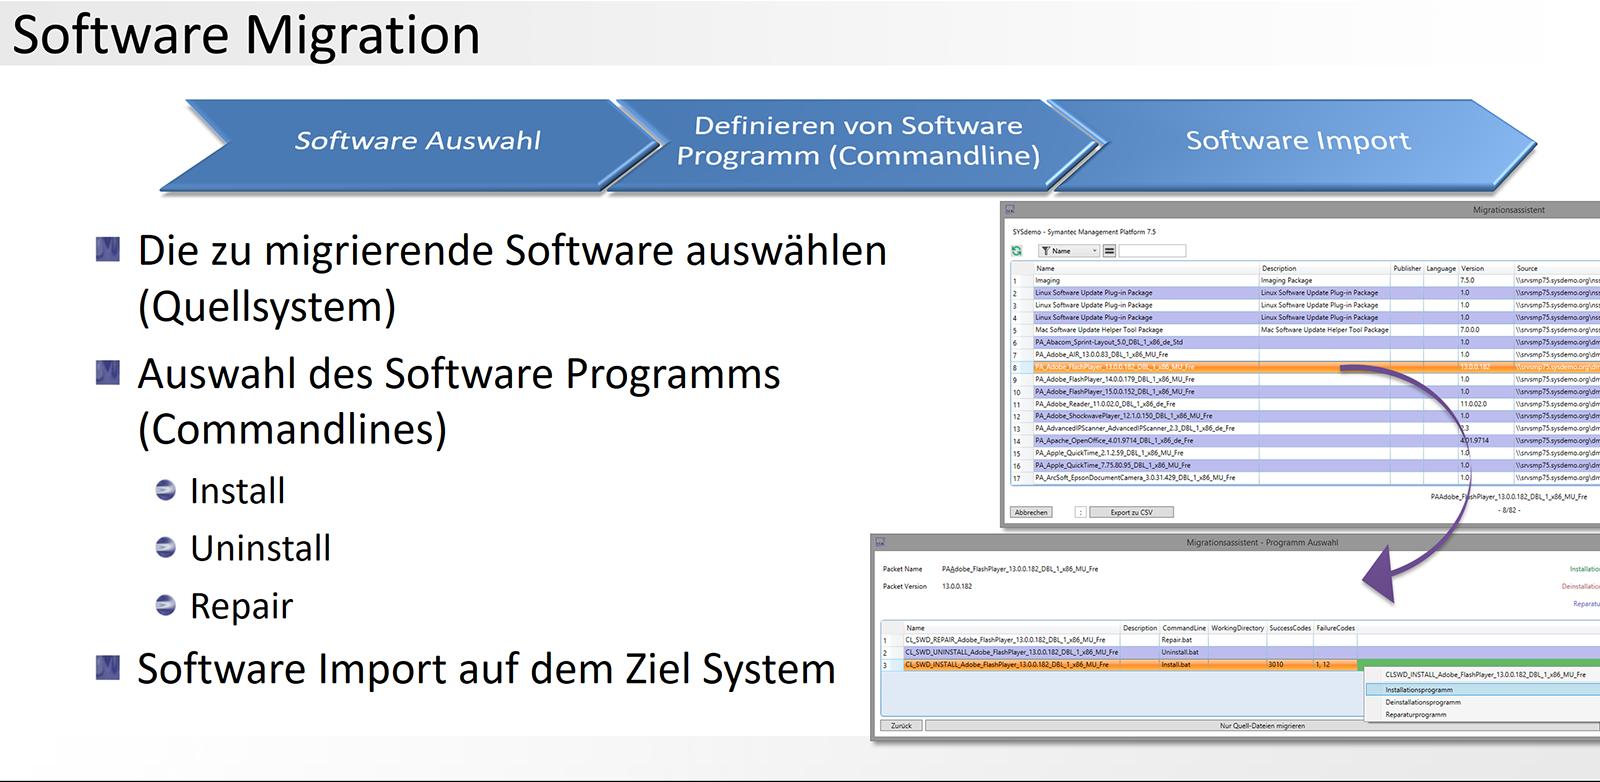 5. DML-Manager - Software Migration